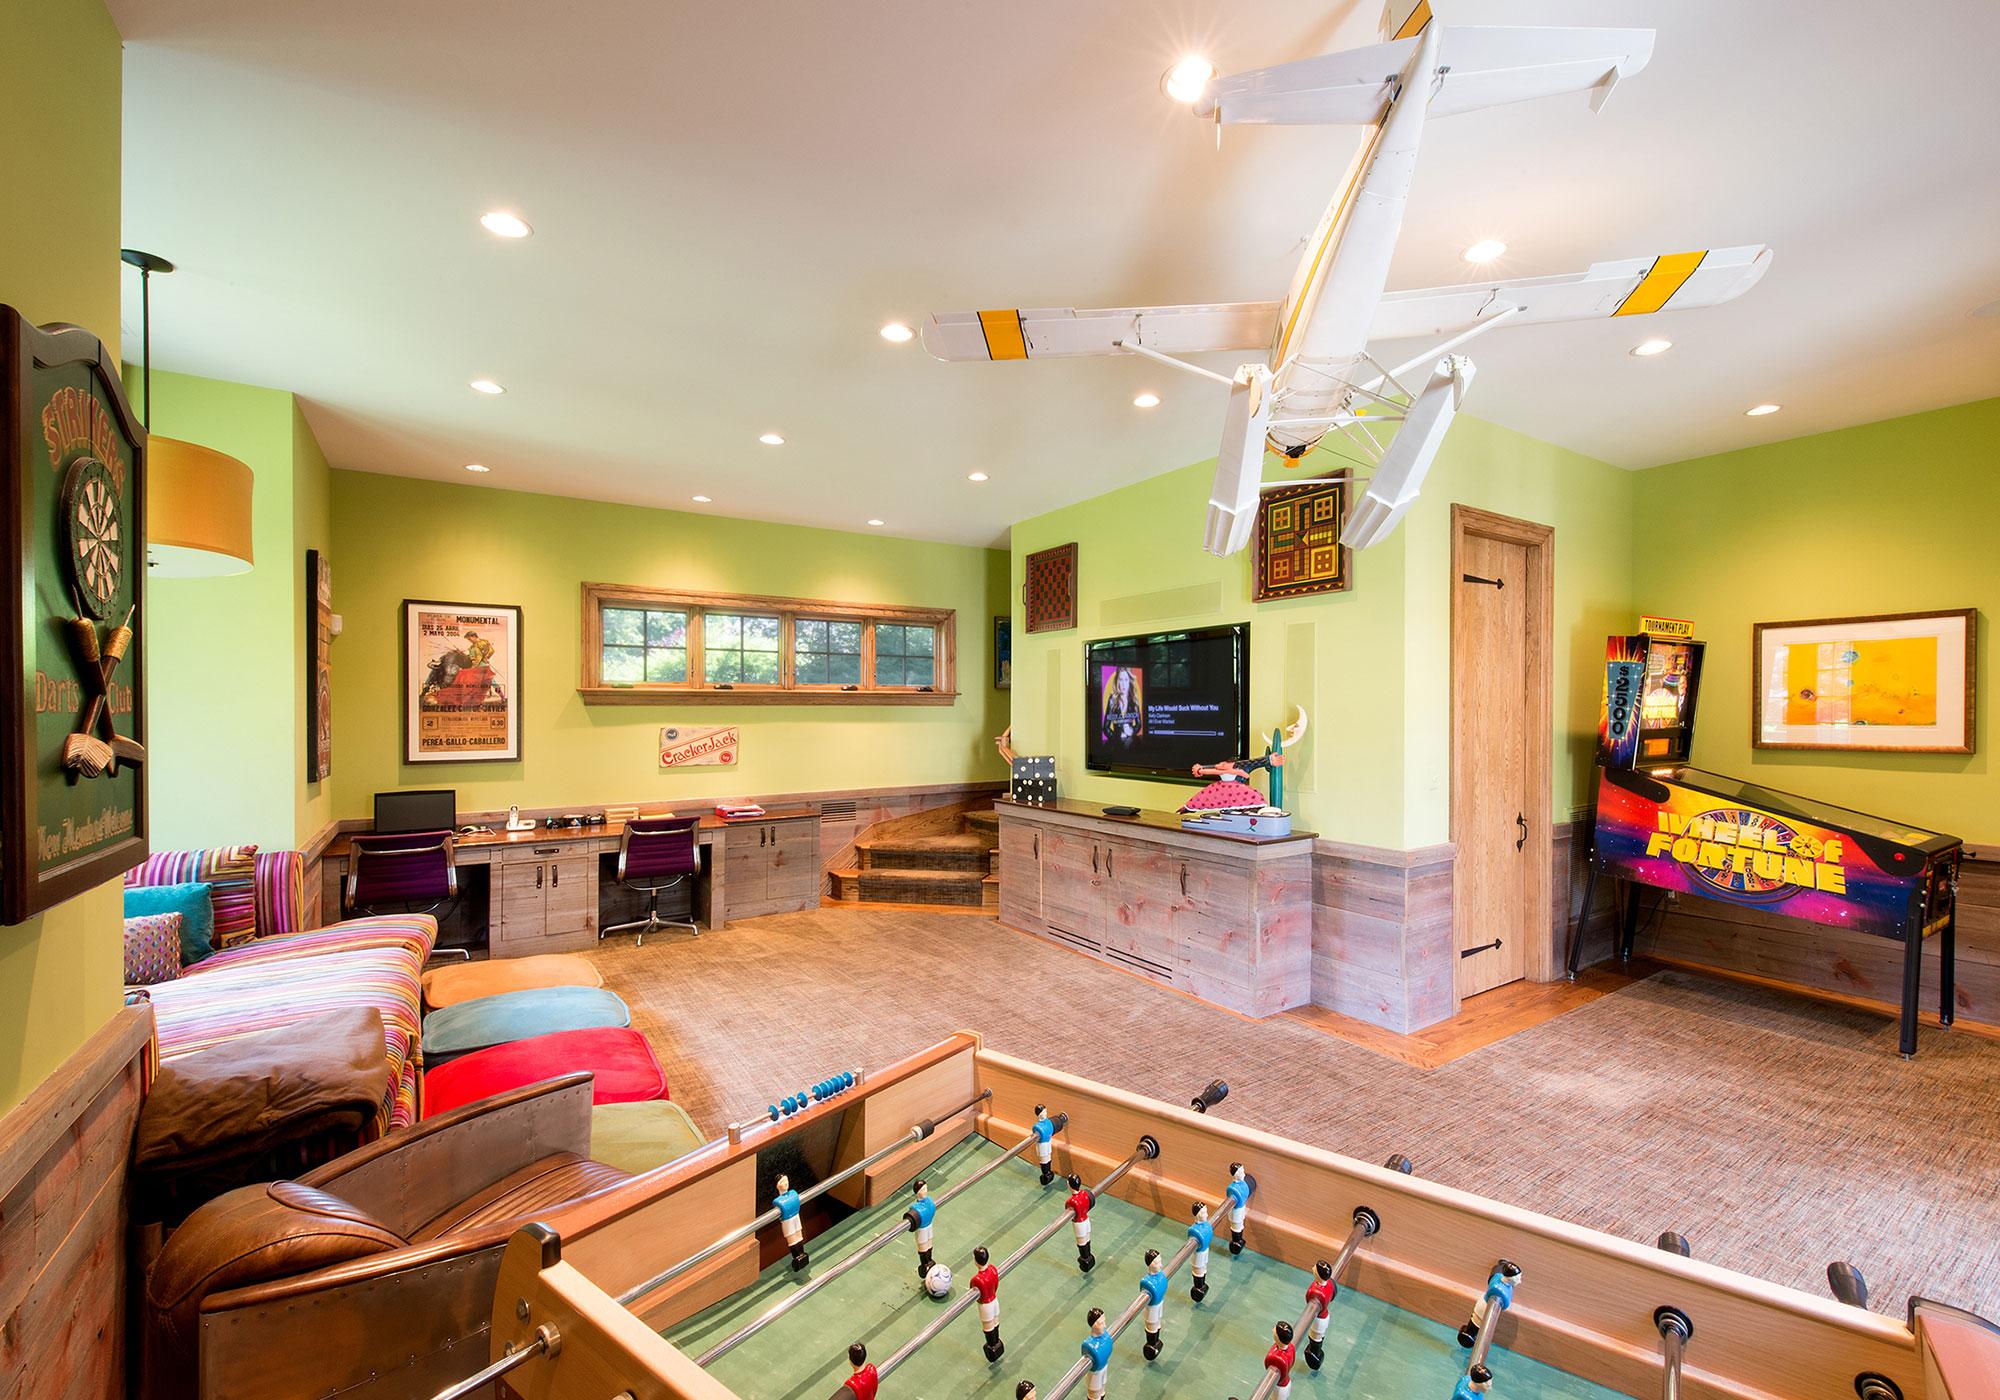 game room, tv, speakers, in-wall speakers